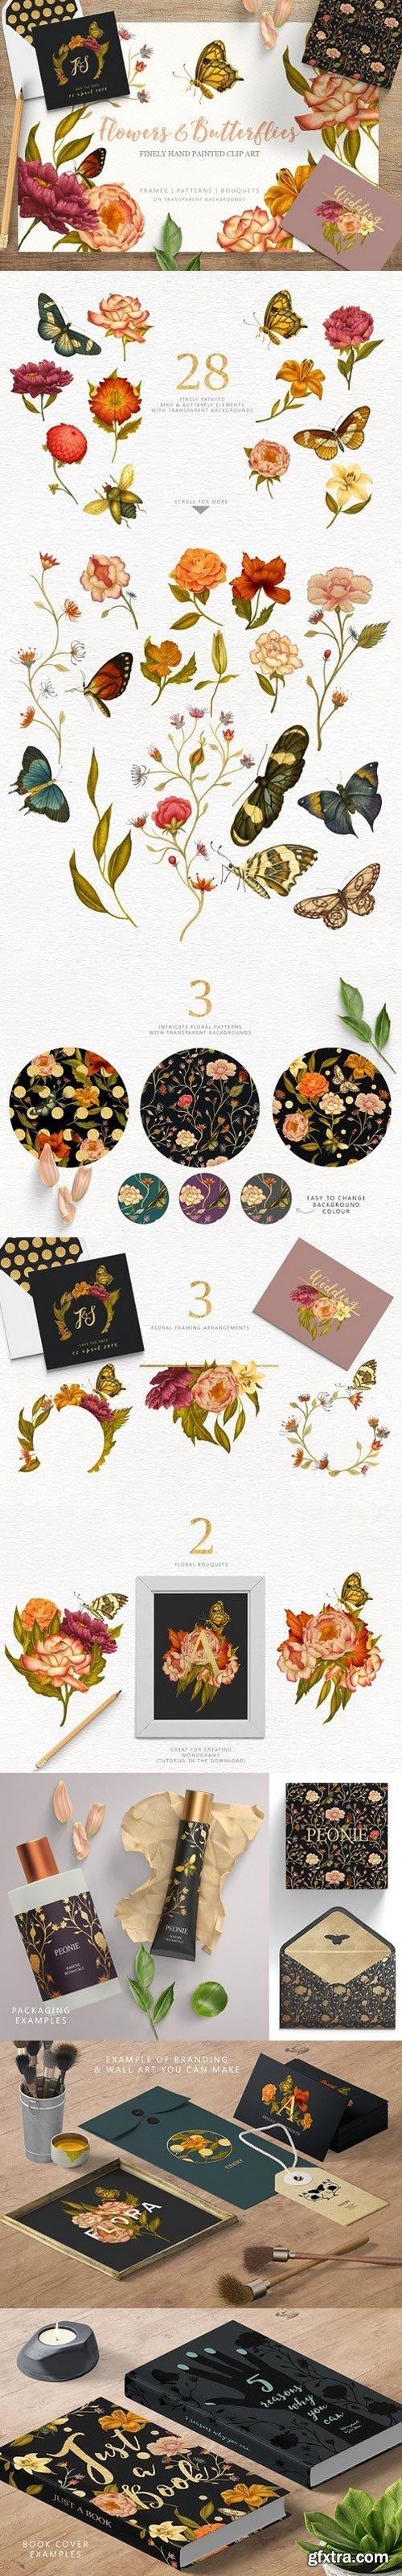 CM - Flowers & Butterflies - Clipart 1710542